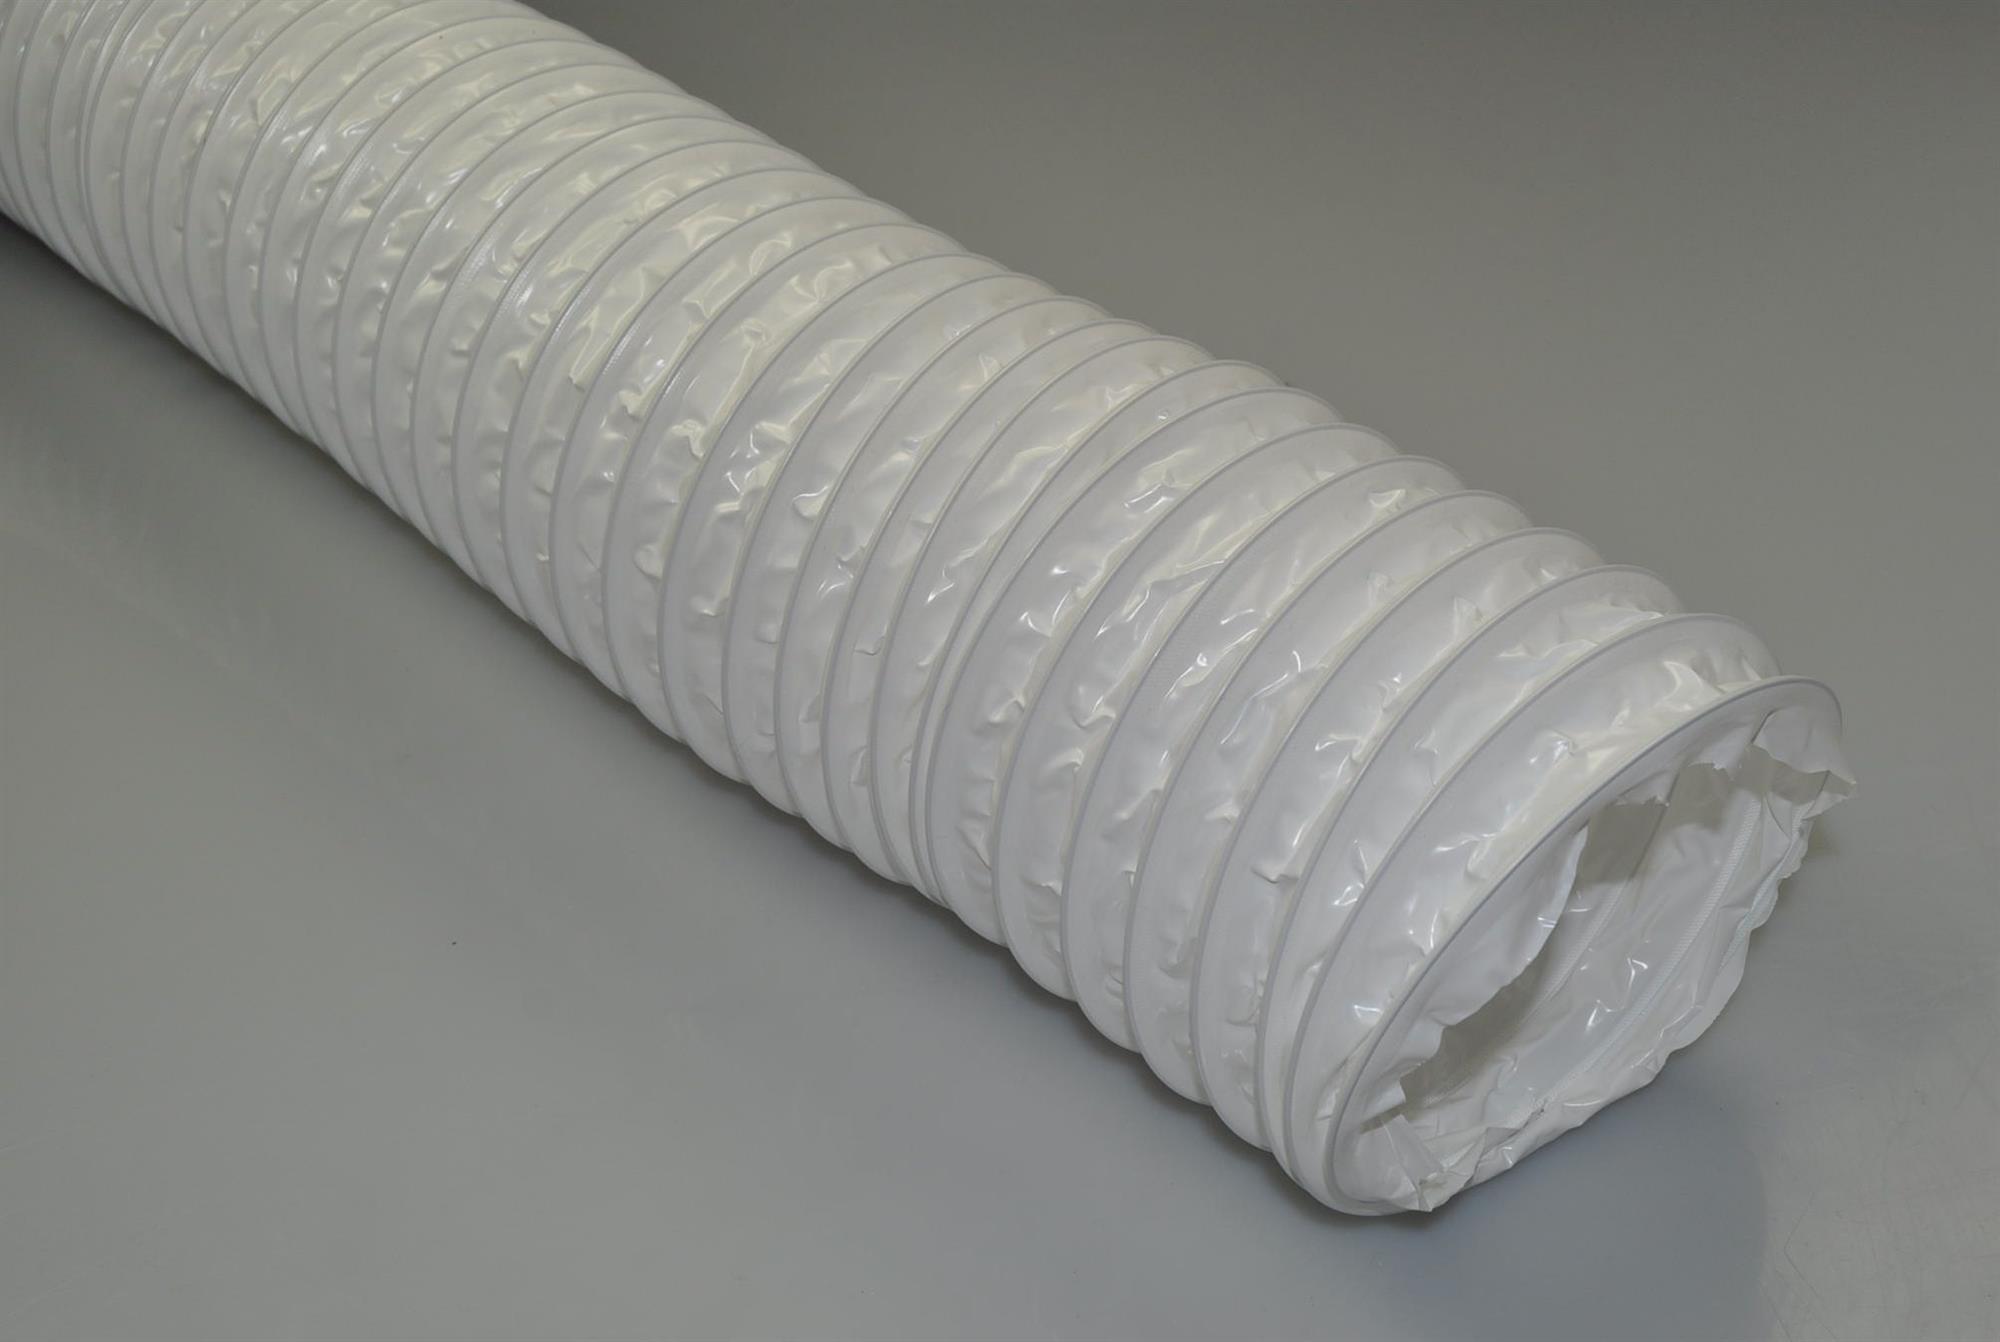 Top Aftræksslange, Universal emhætte - 150 mm (flex) XS06